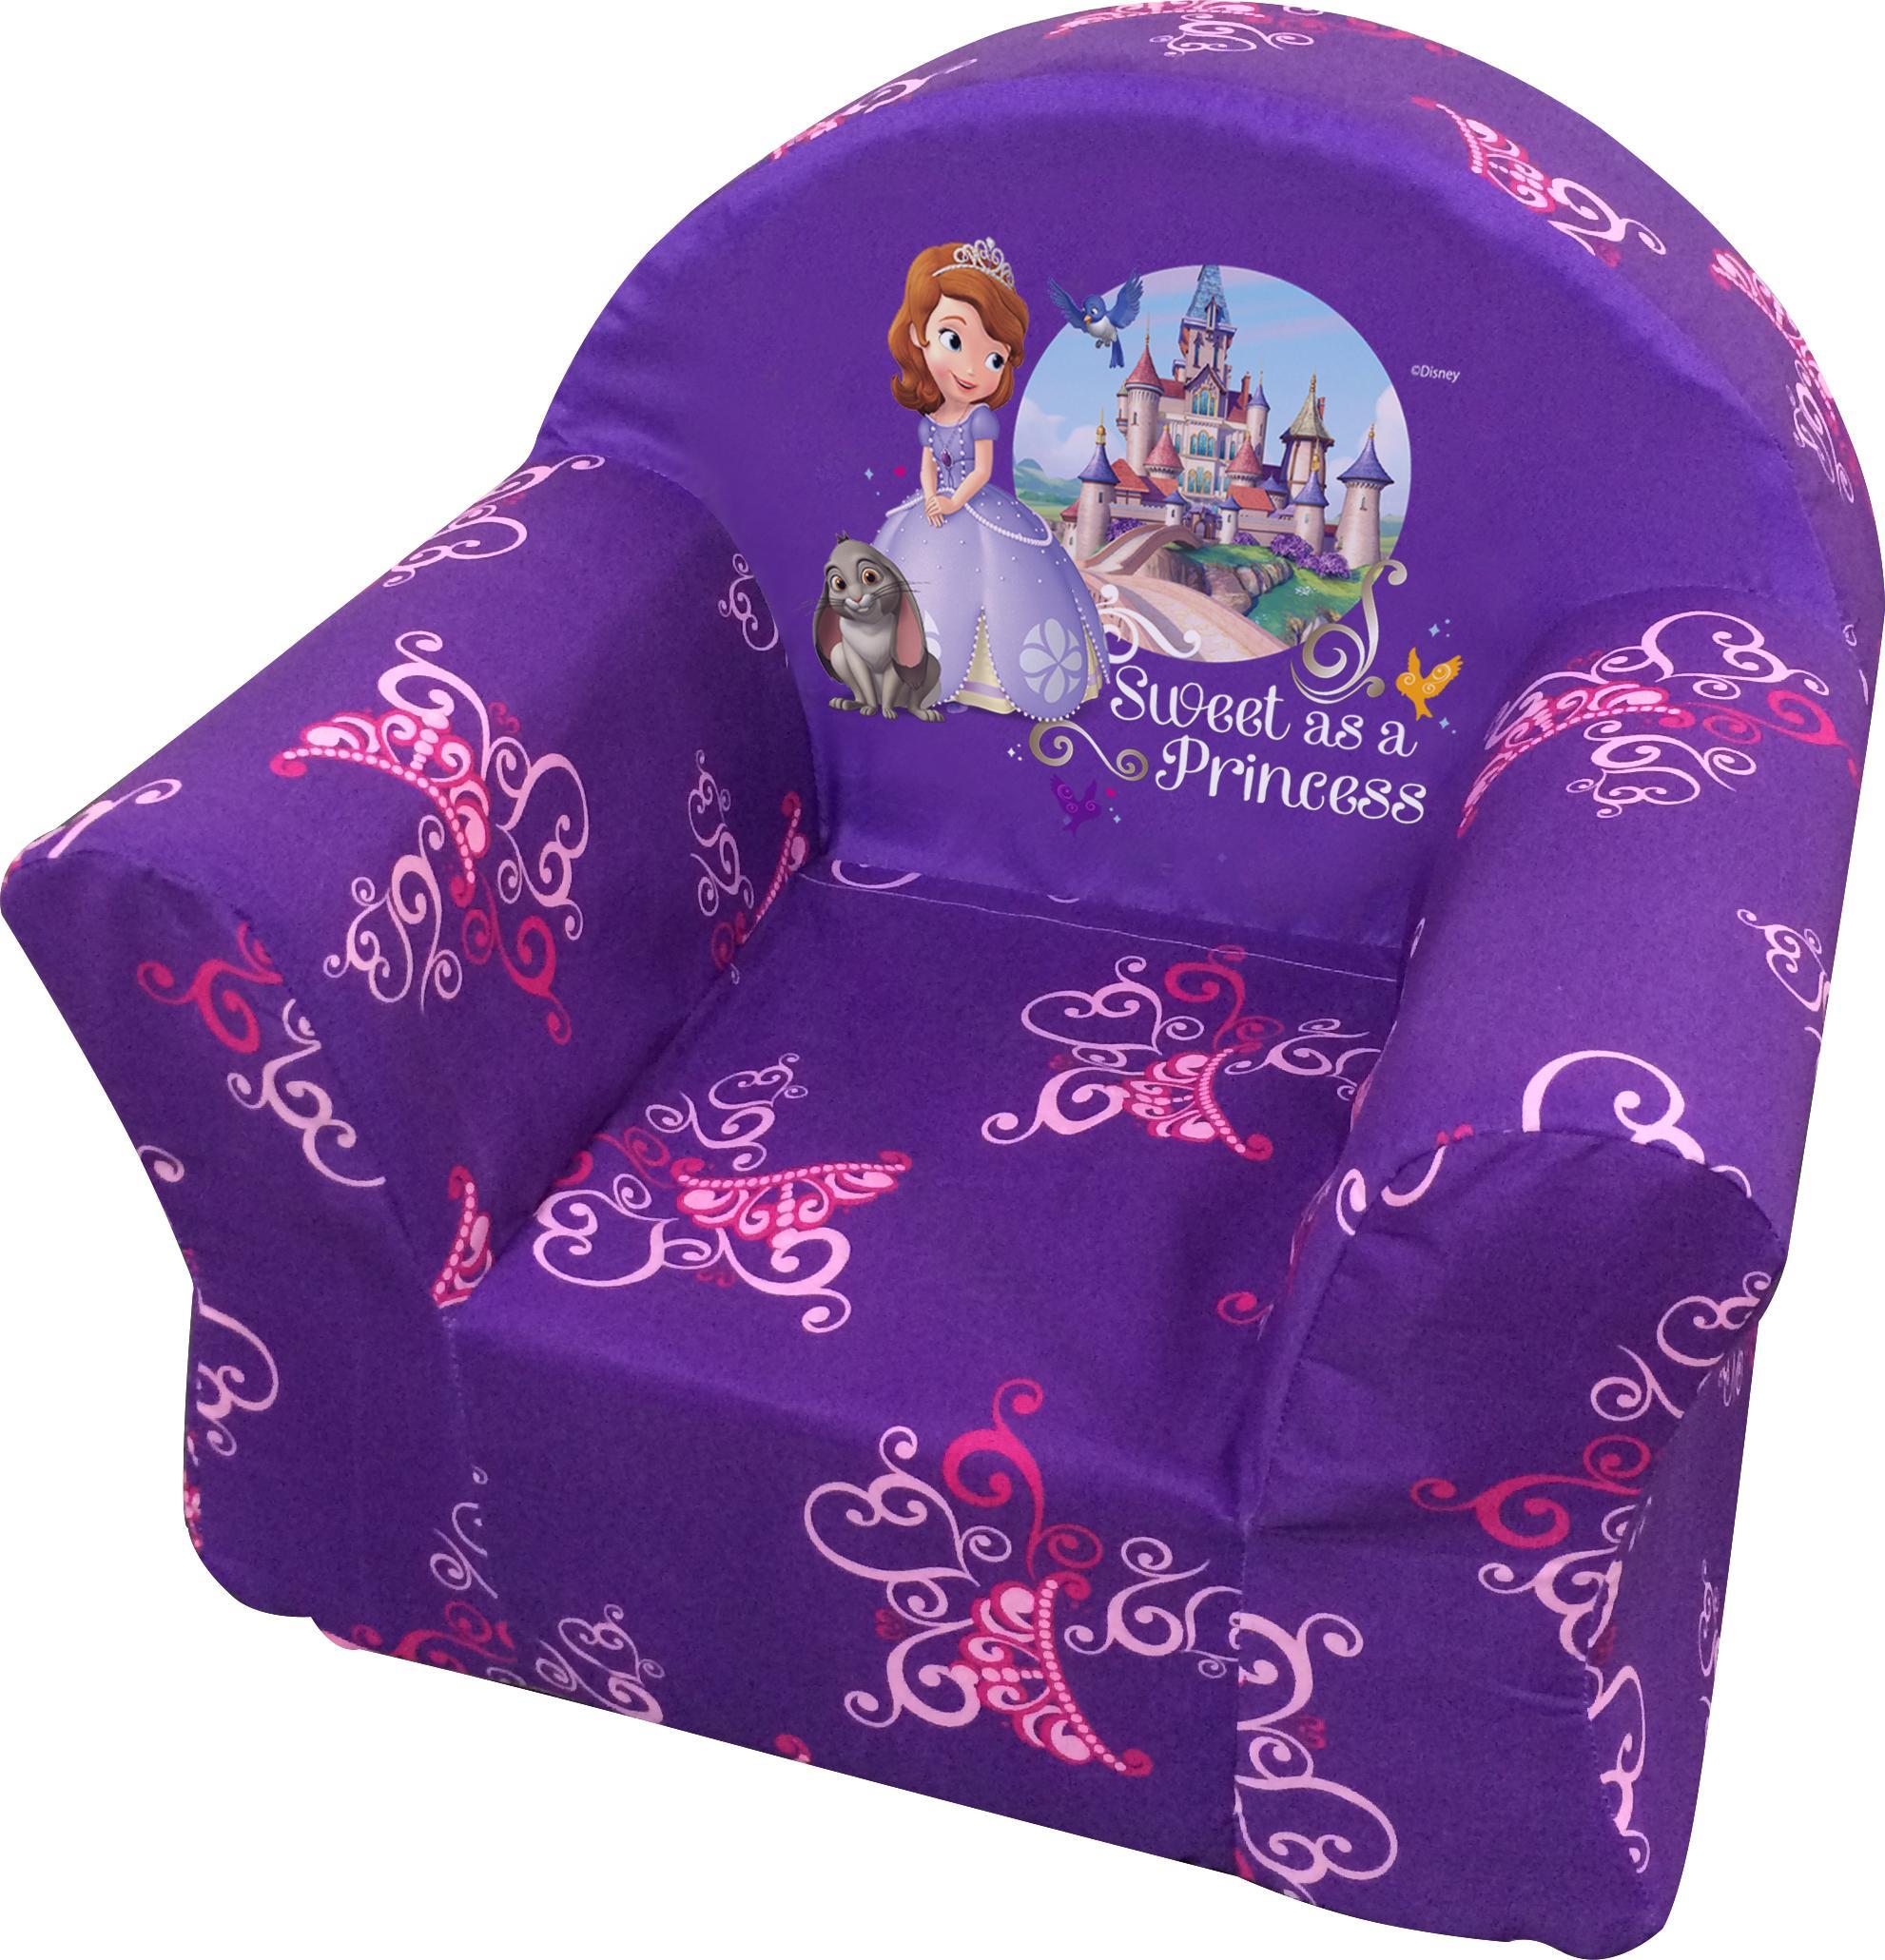 Surprising Disney Kiddie Sofa Sofia Small Inzonedesignstudio Interior Chair Design Inzonedesignstudiocom